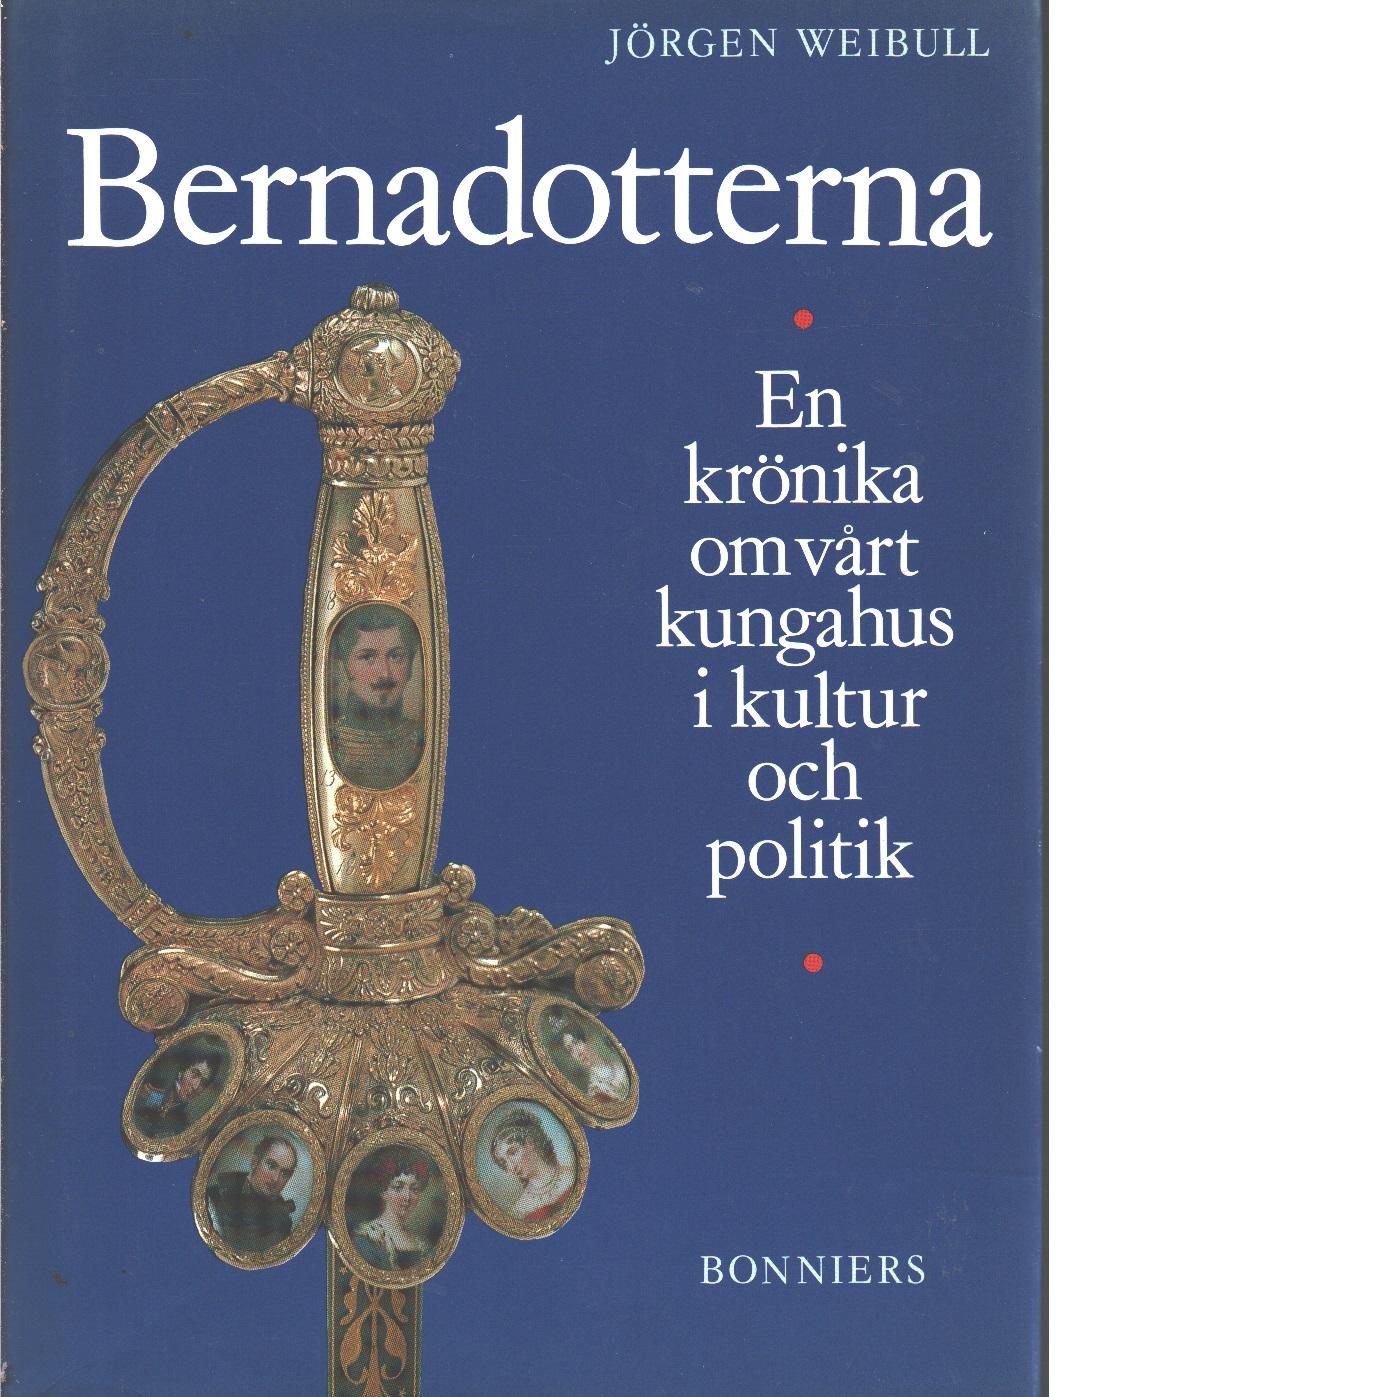 Bernadotterna : en krönika om vårt kungahus i kultur och politik - Weibull, Jörgen